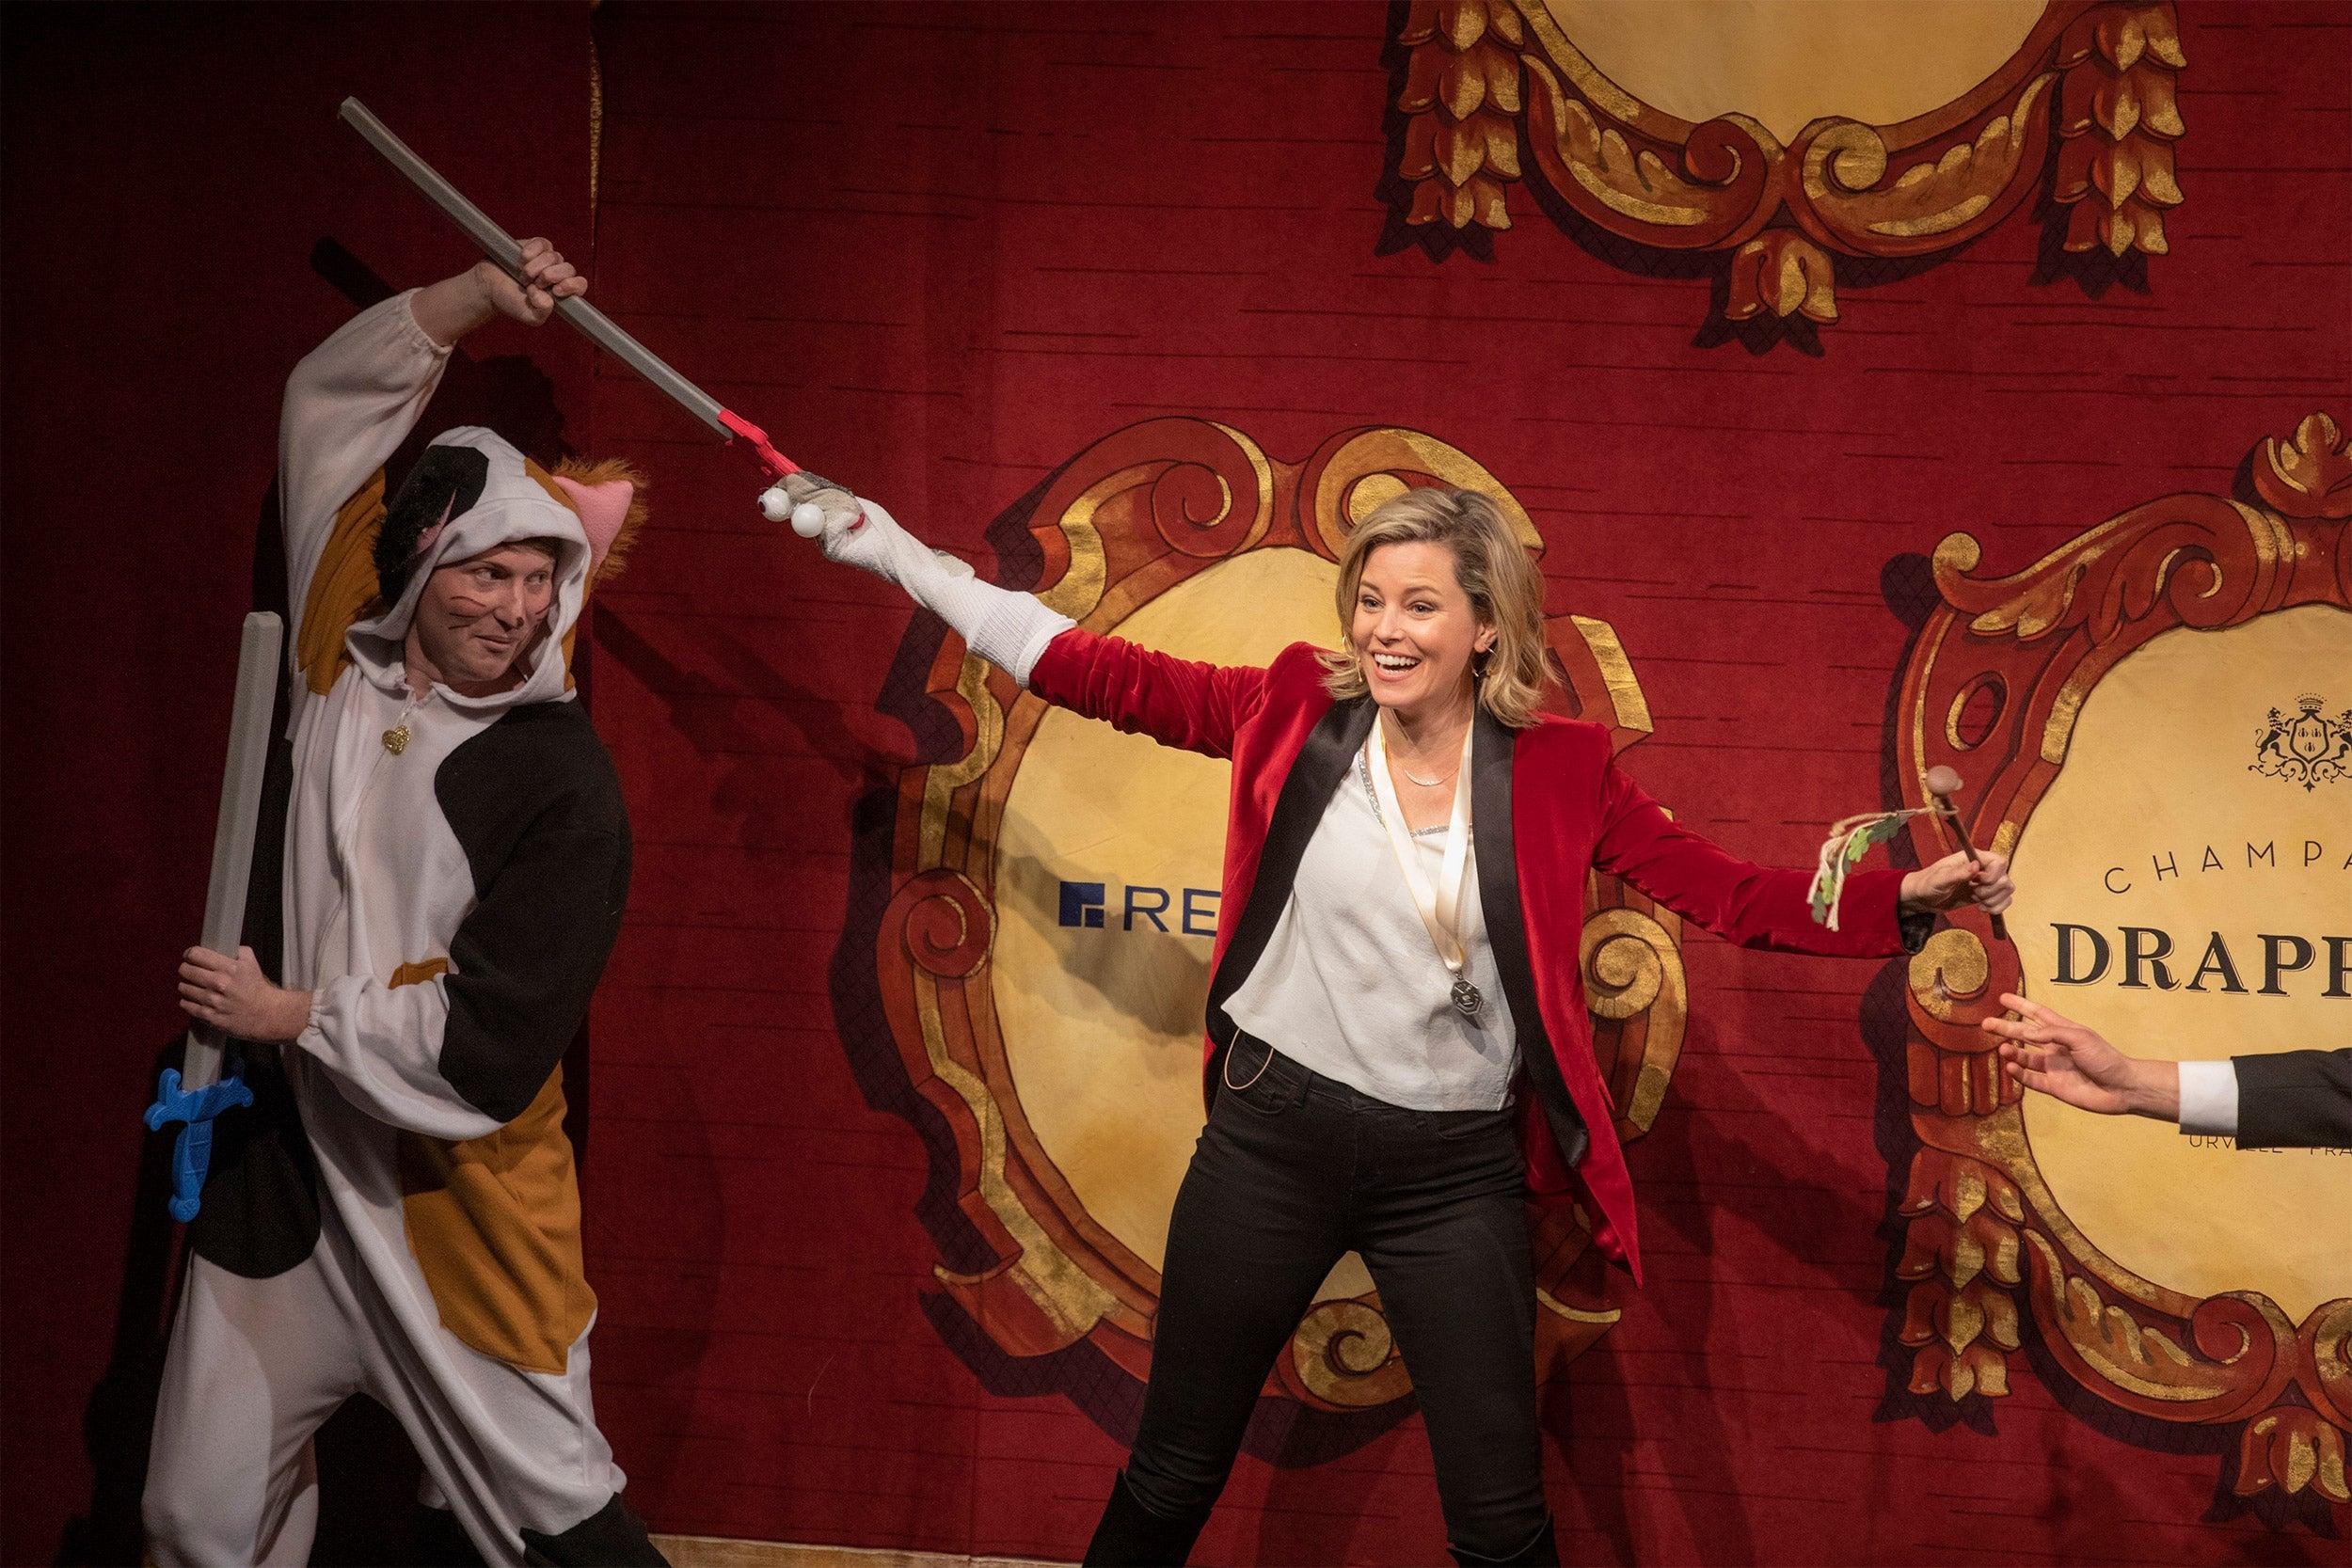 Elizabeth Banks onstage at Farkas Hall.